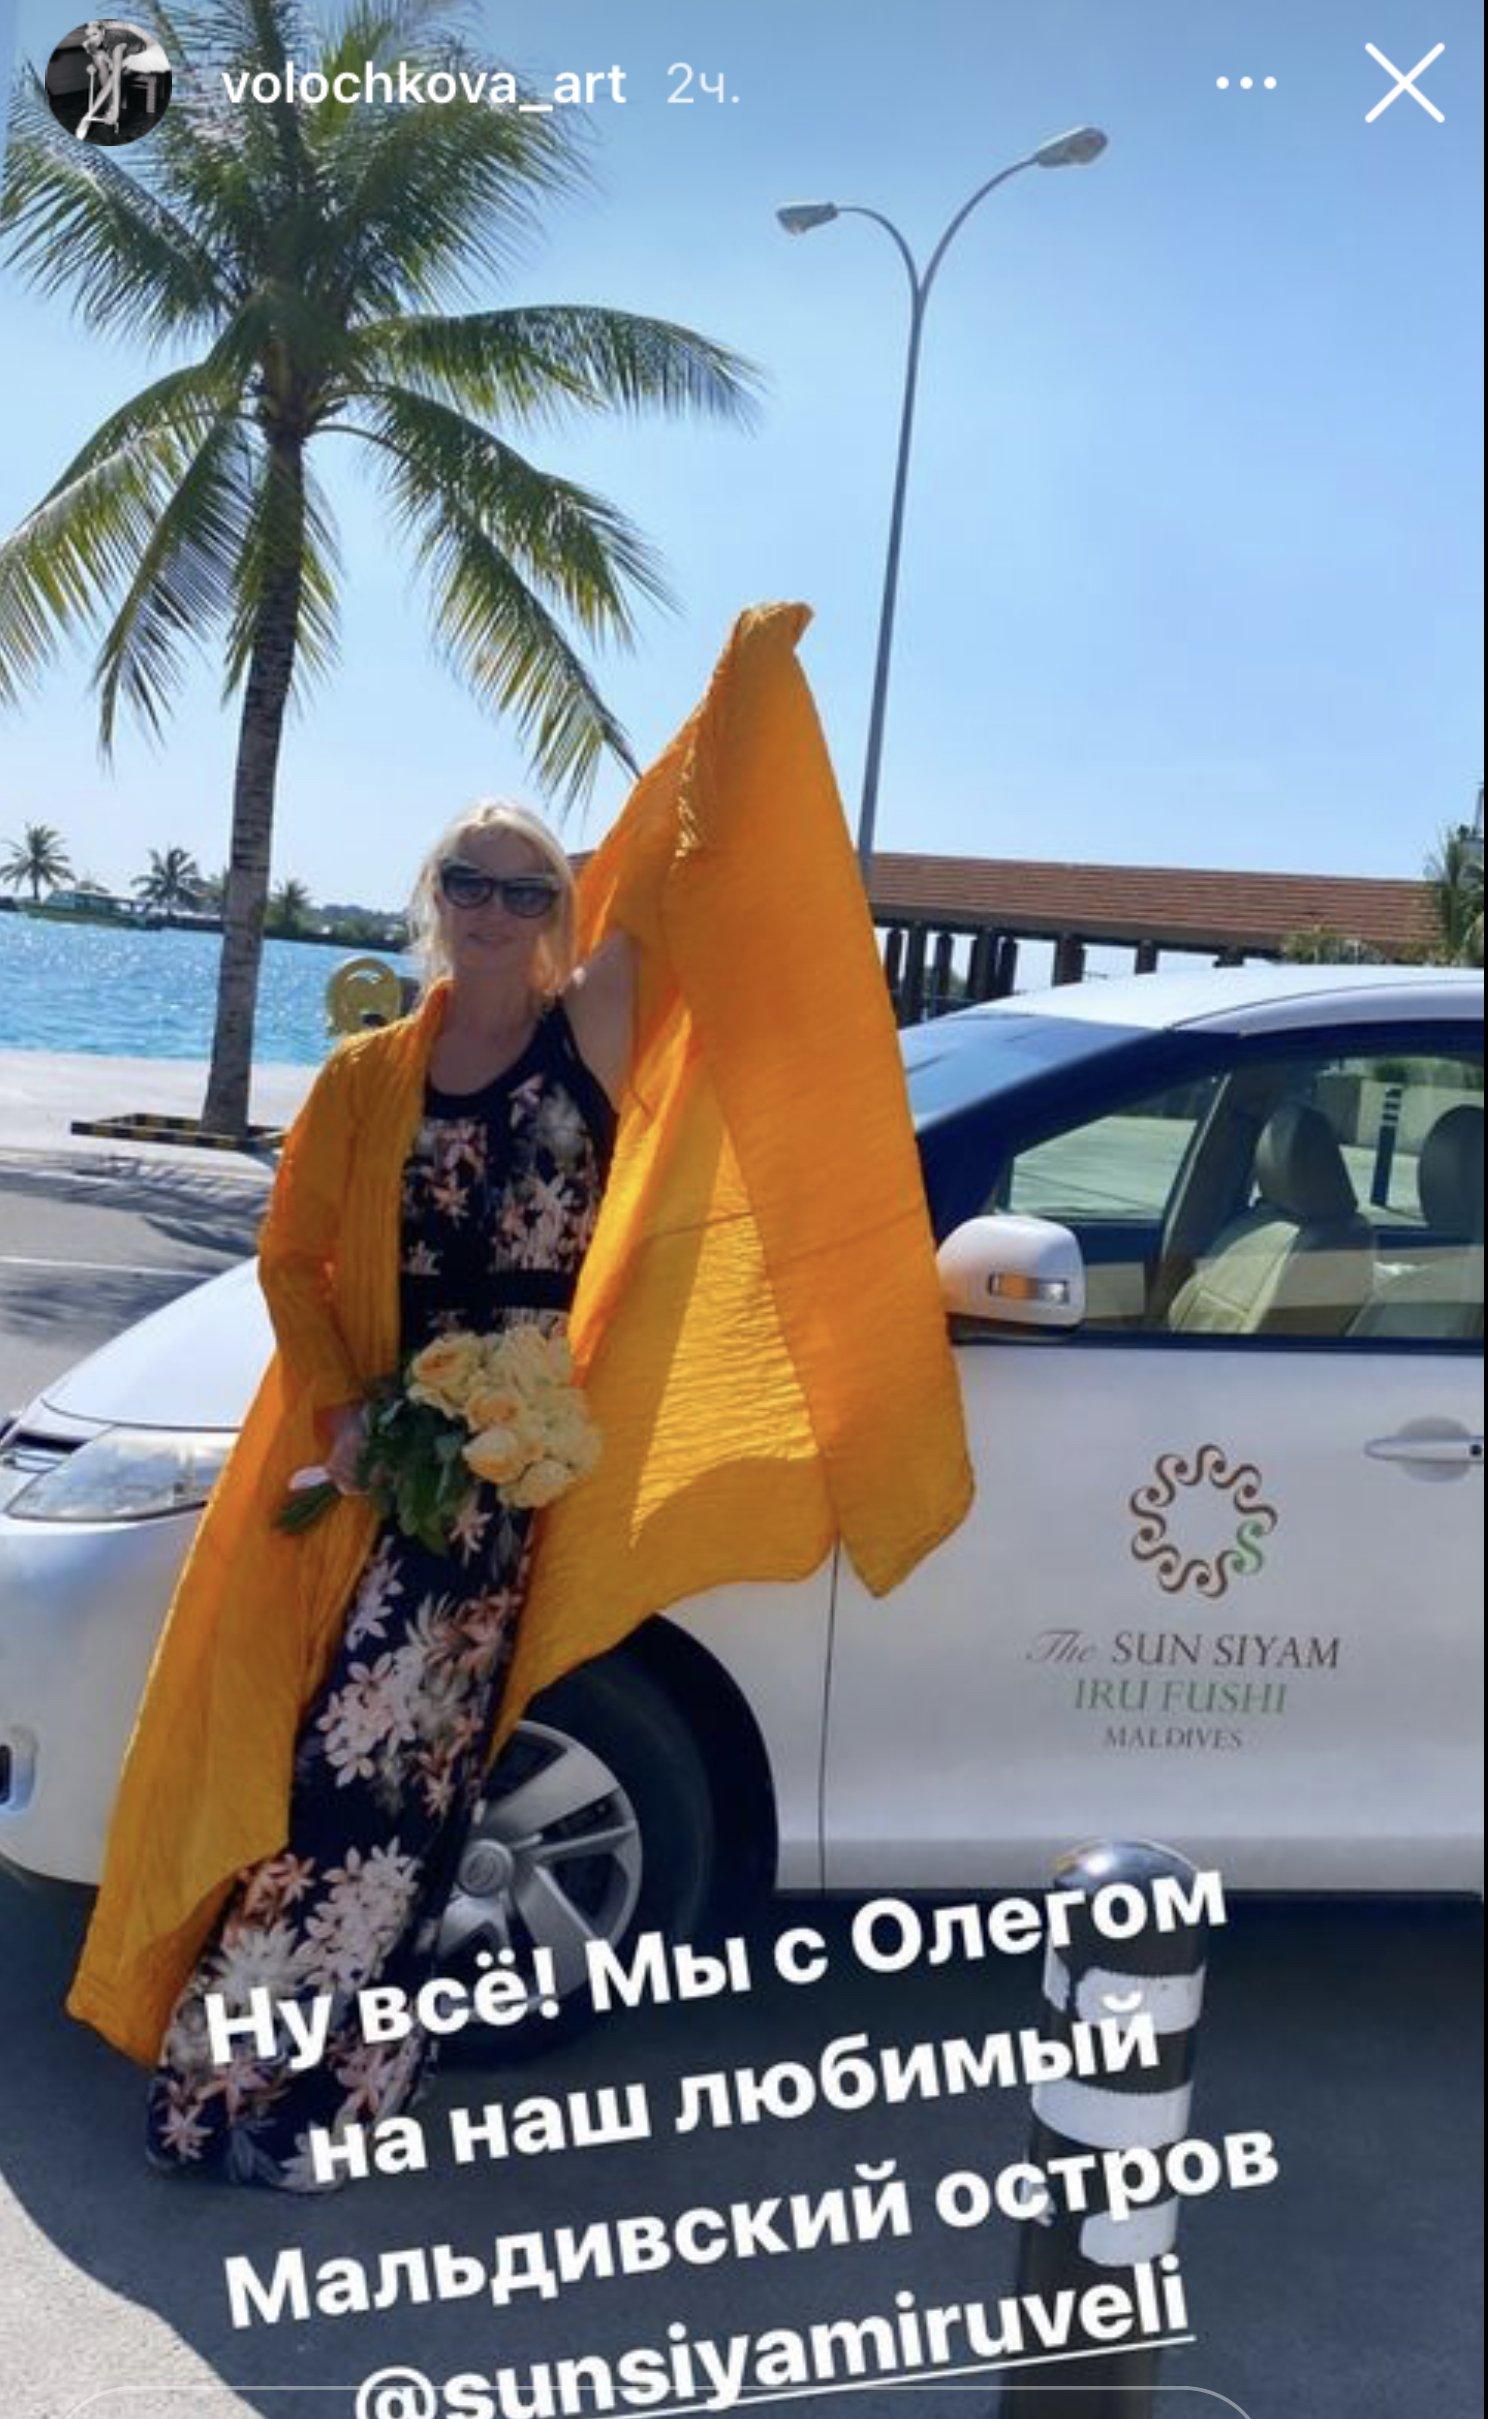 Анастасия Волочкова и ее возлюбленный снова отправились на Мальдивы